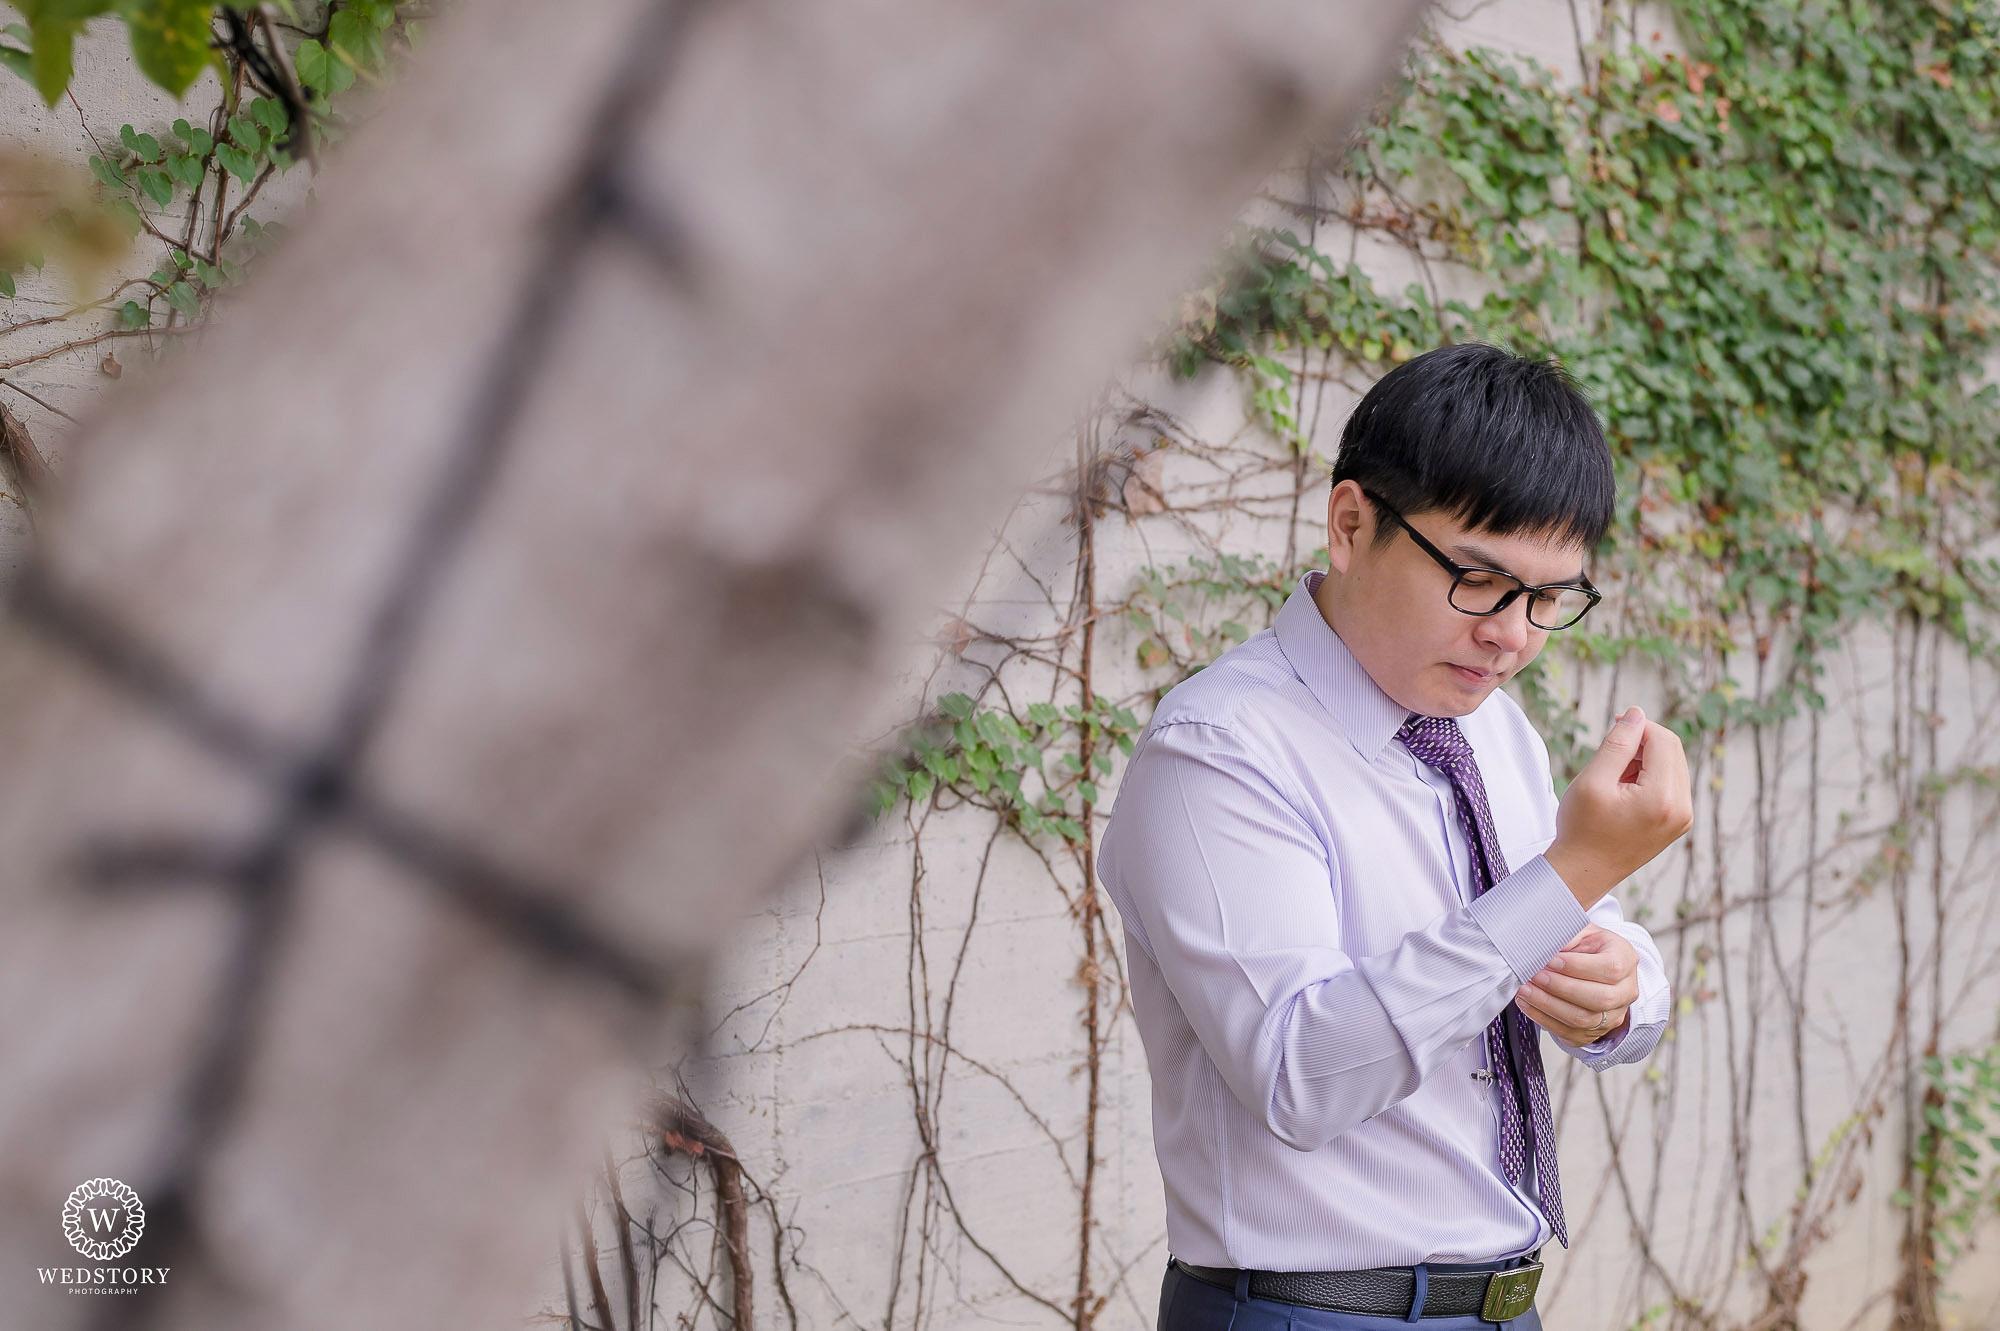 台中萊特薇庭婚攝01,頤和宮,台中婚攝推薦,婚禮攝影,婚禮紀錄